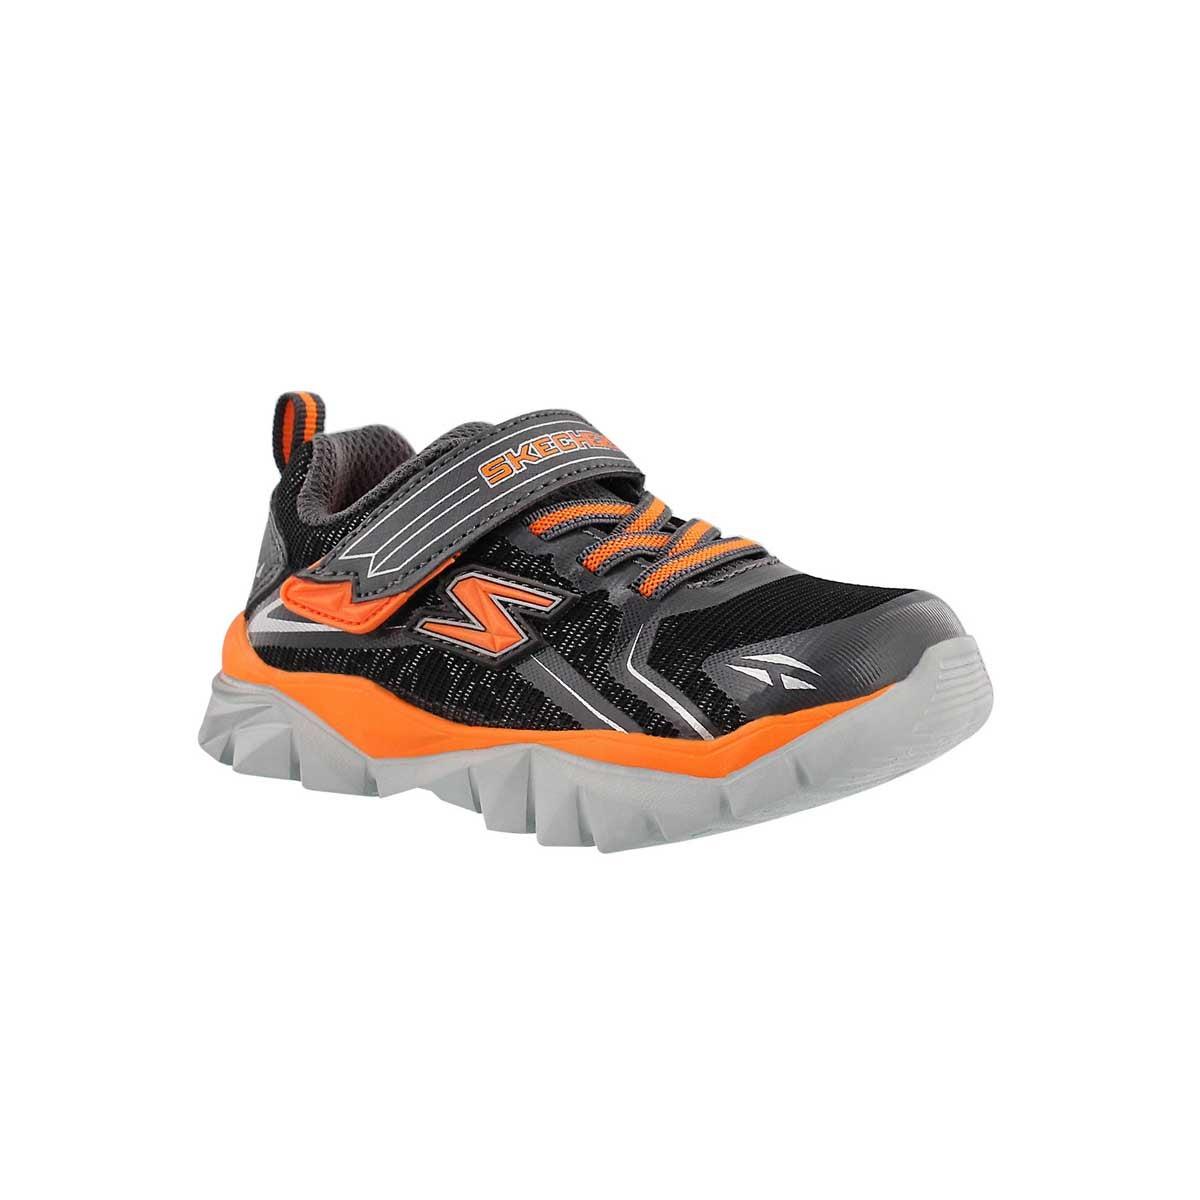 Inf Blazar blk/char/orange sneaker